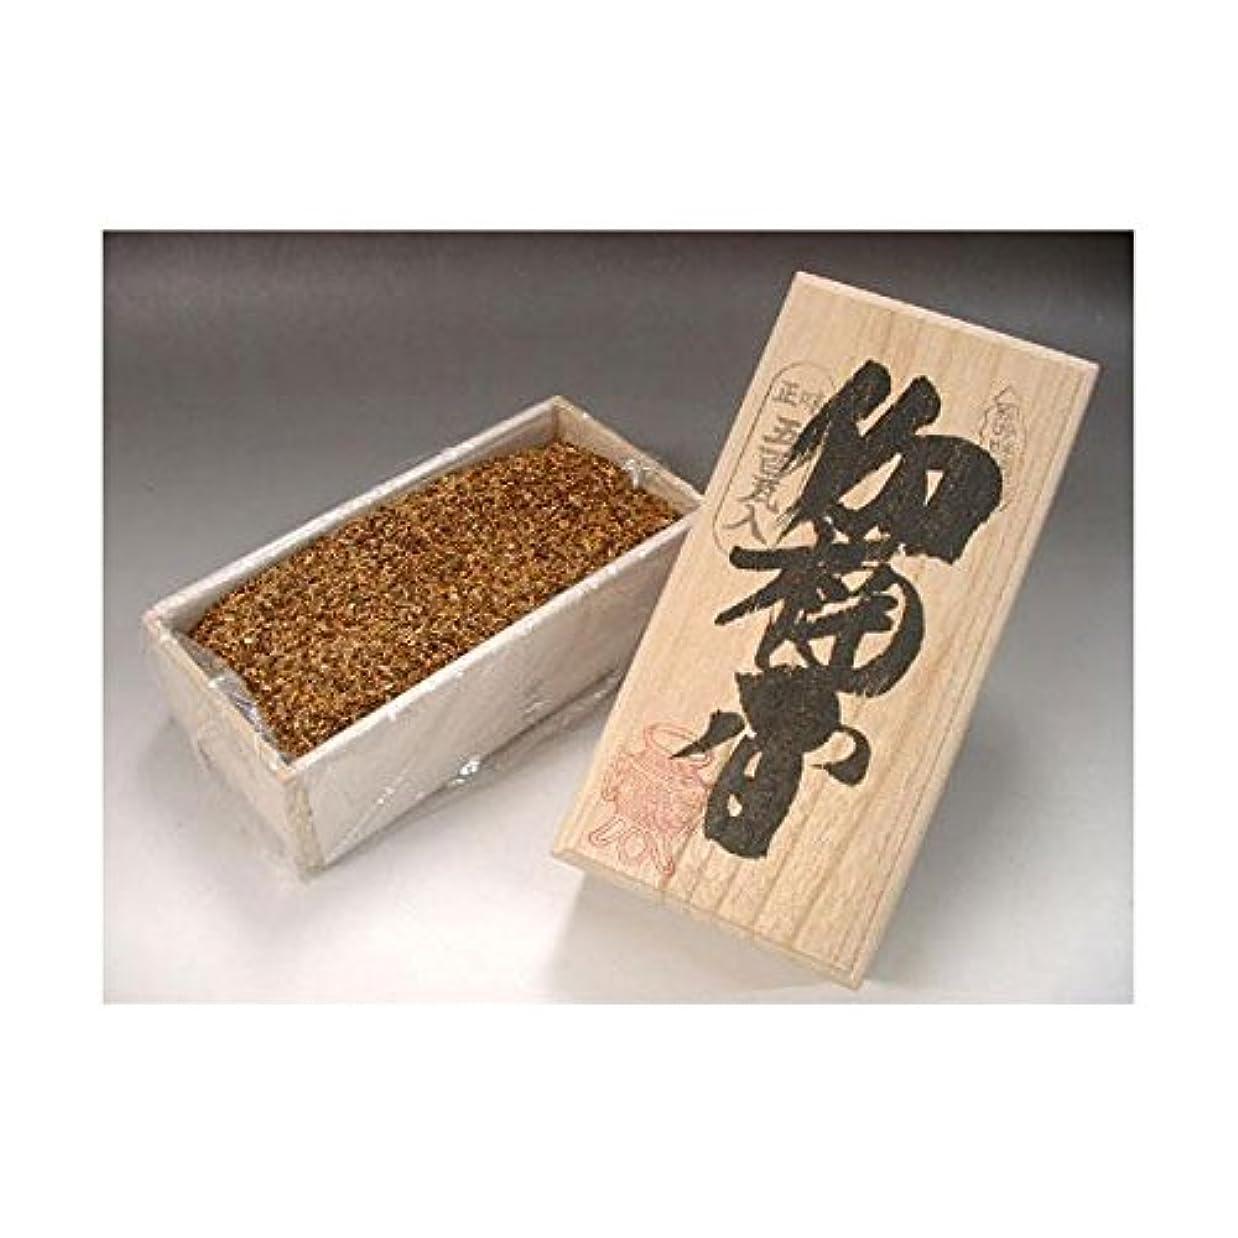 蜜レギュラー子焼香 伽楠香(カナンコウ)500g桐箱入